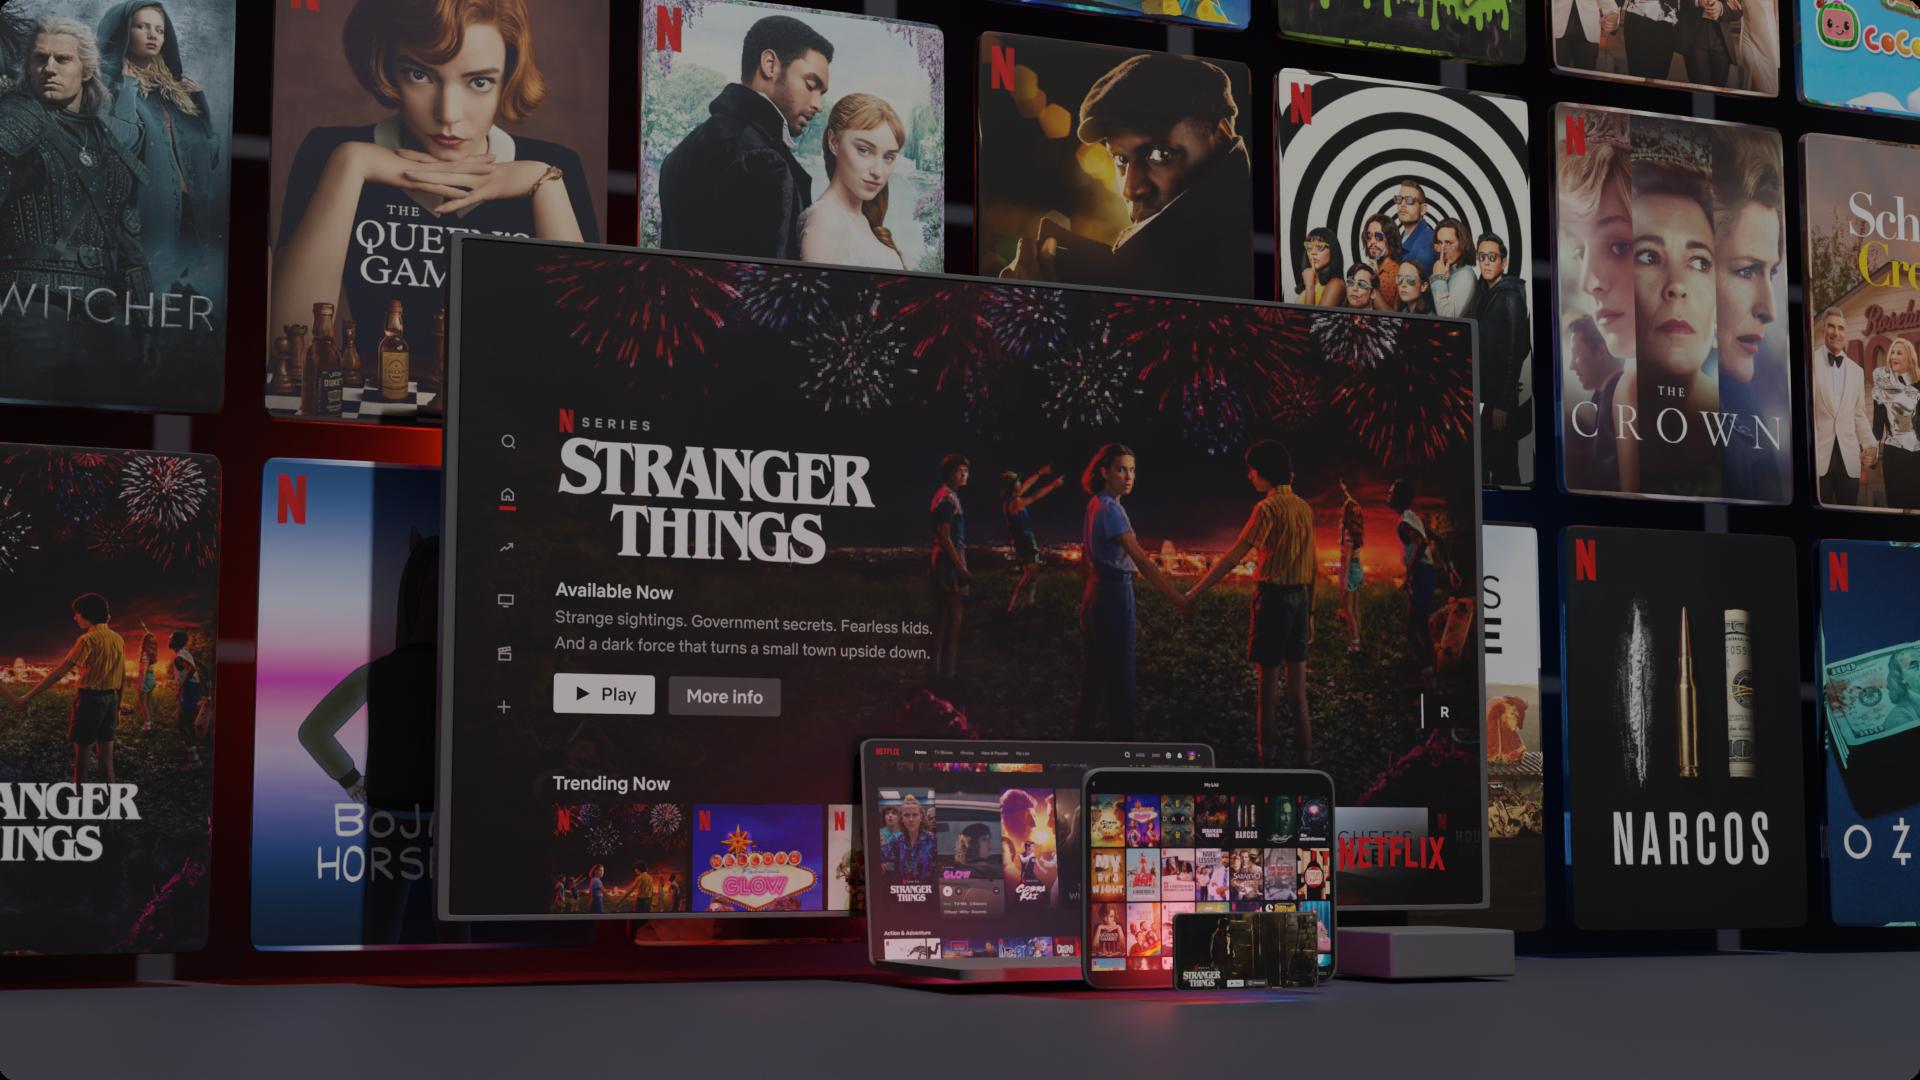 Títulos da Netflix exibidos em diferentes aparelhos